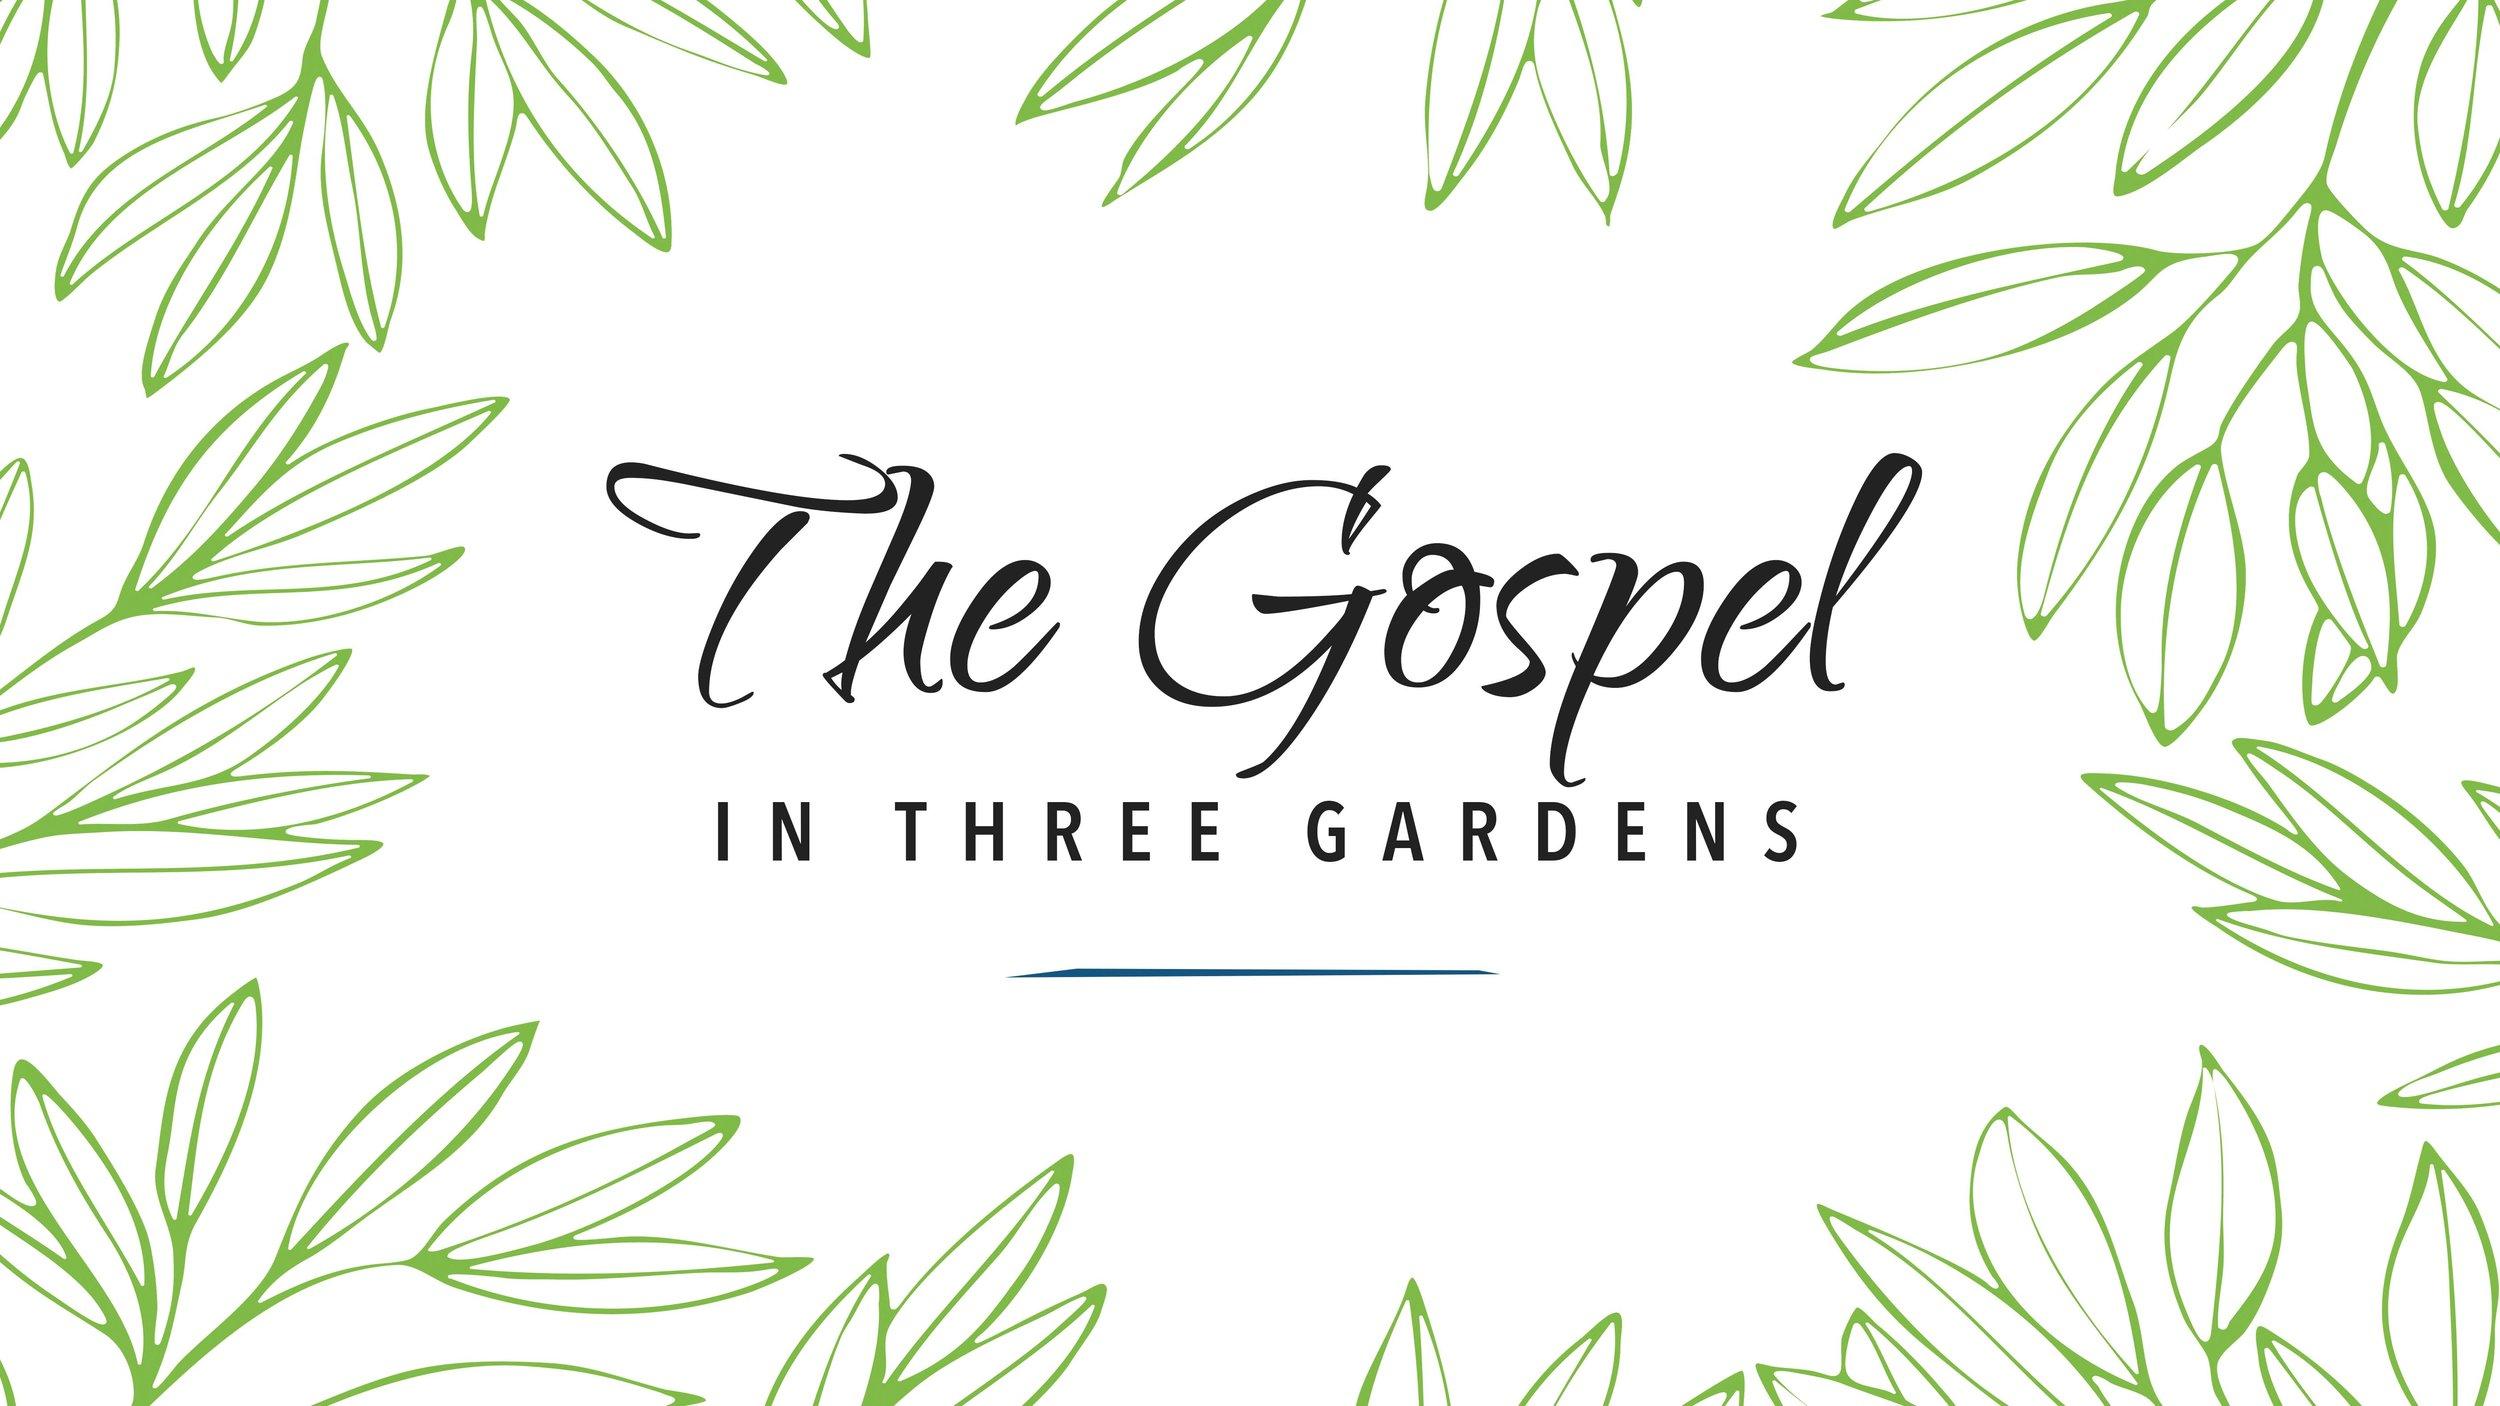 The Gospel Ttl.jpg